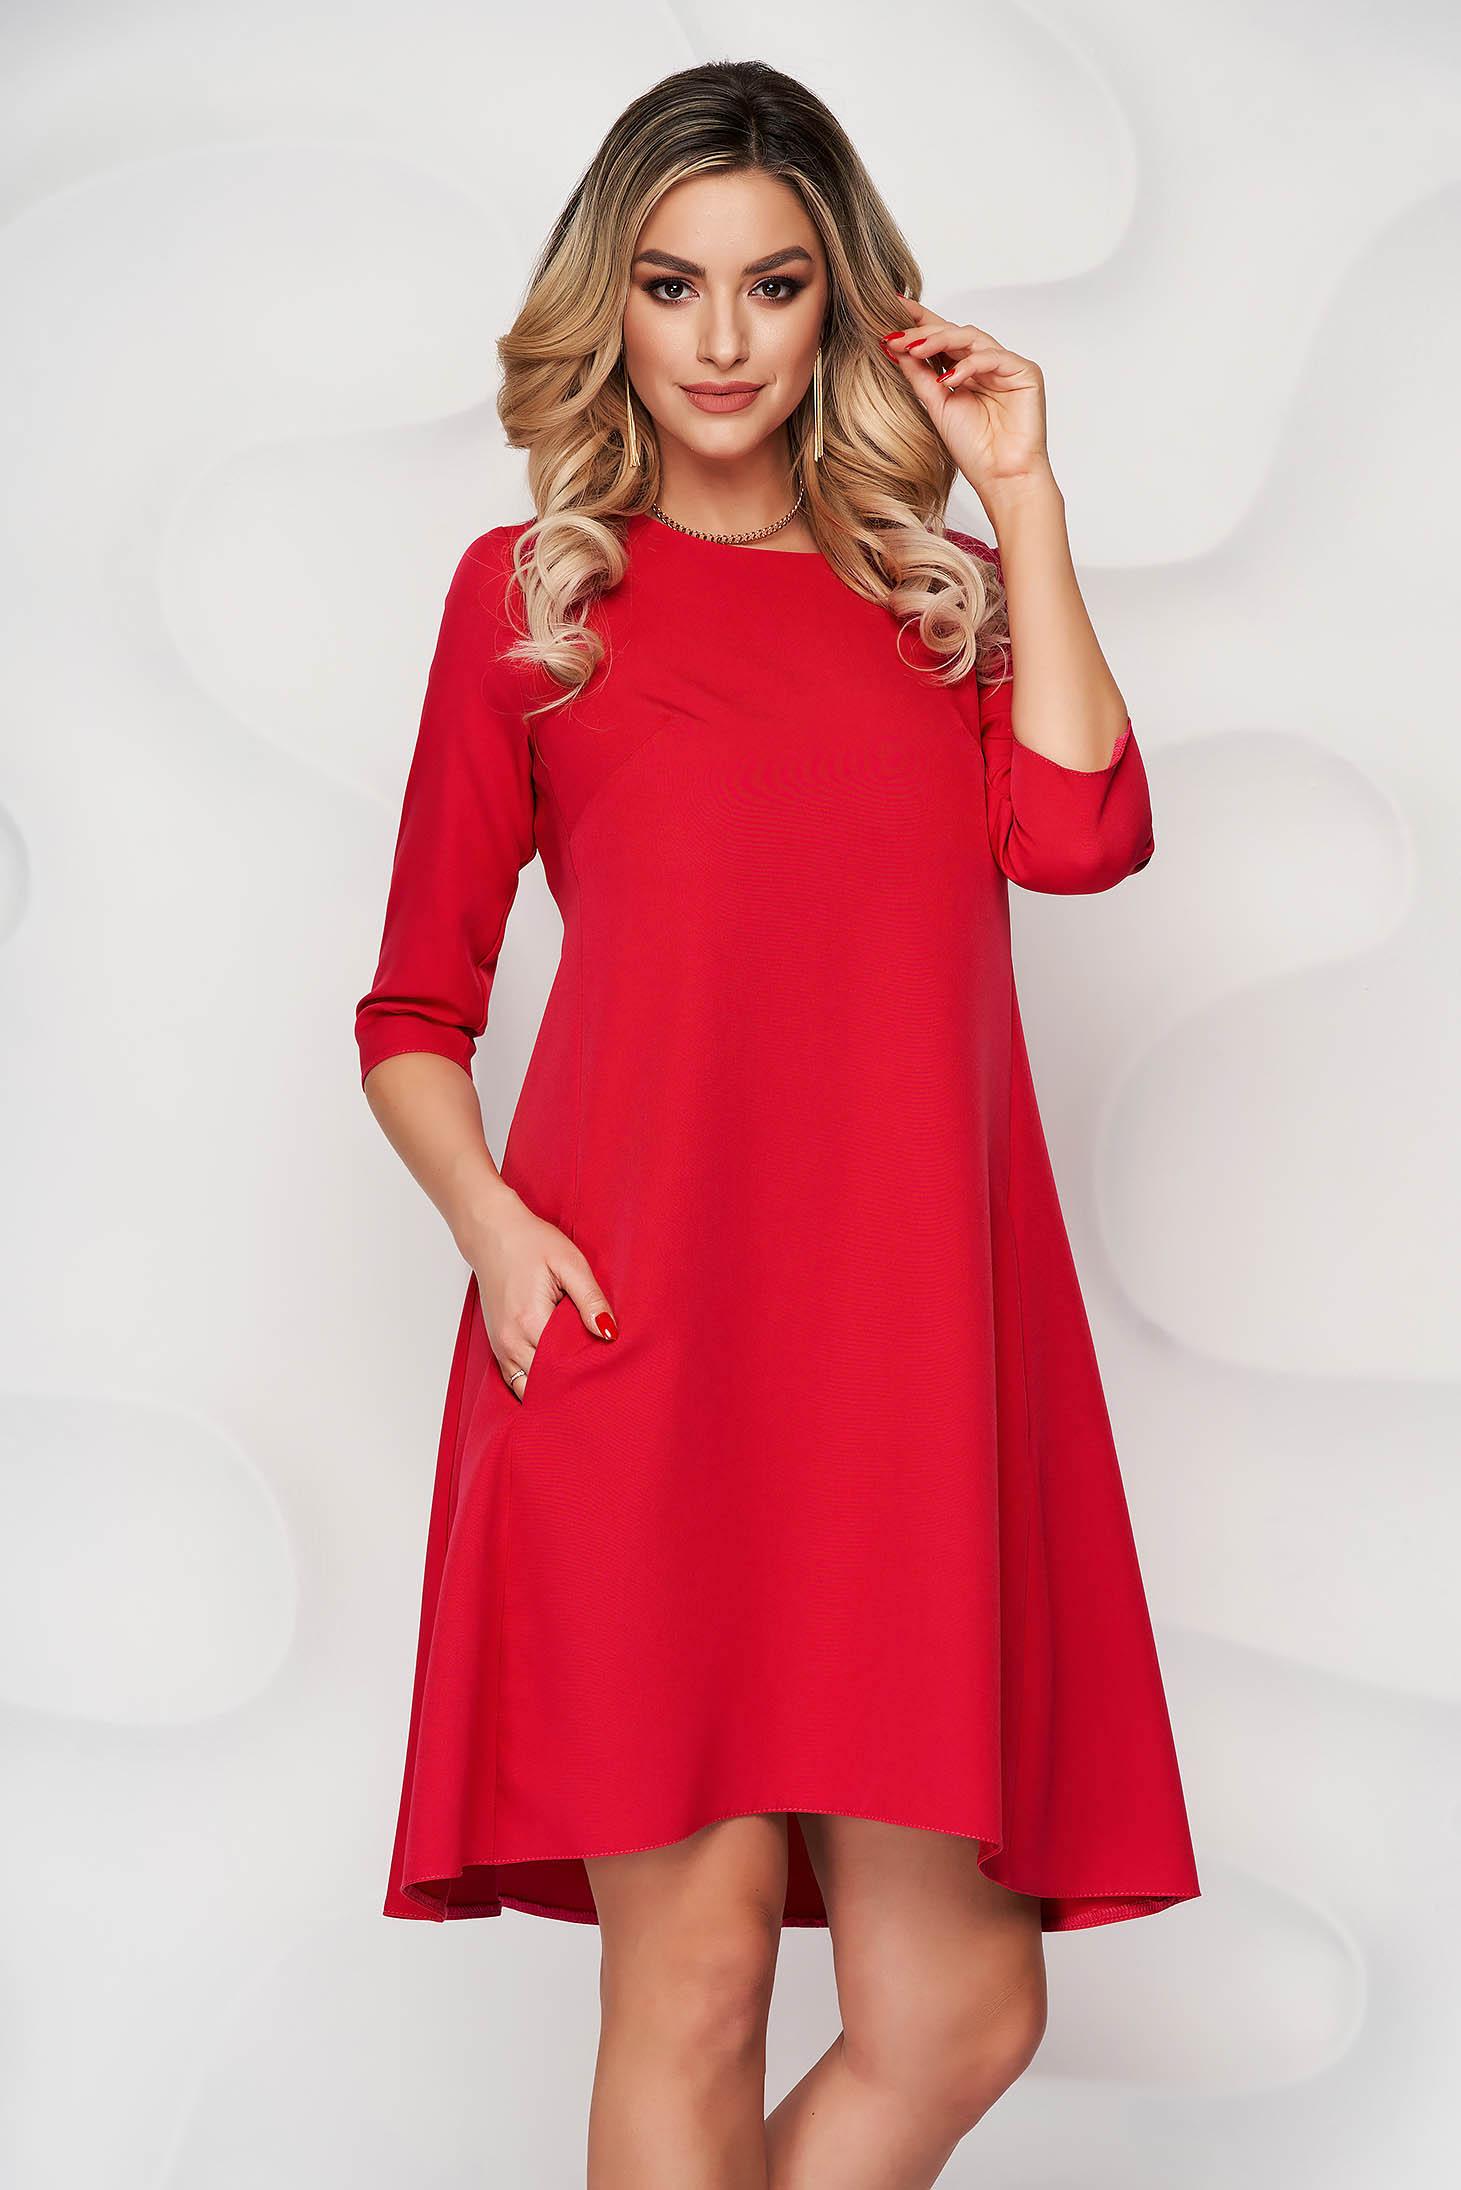 Rochie rosie office cu croi in a din stofa usor elastica cu decolteu rotunjit